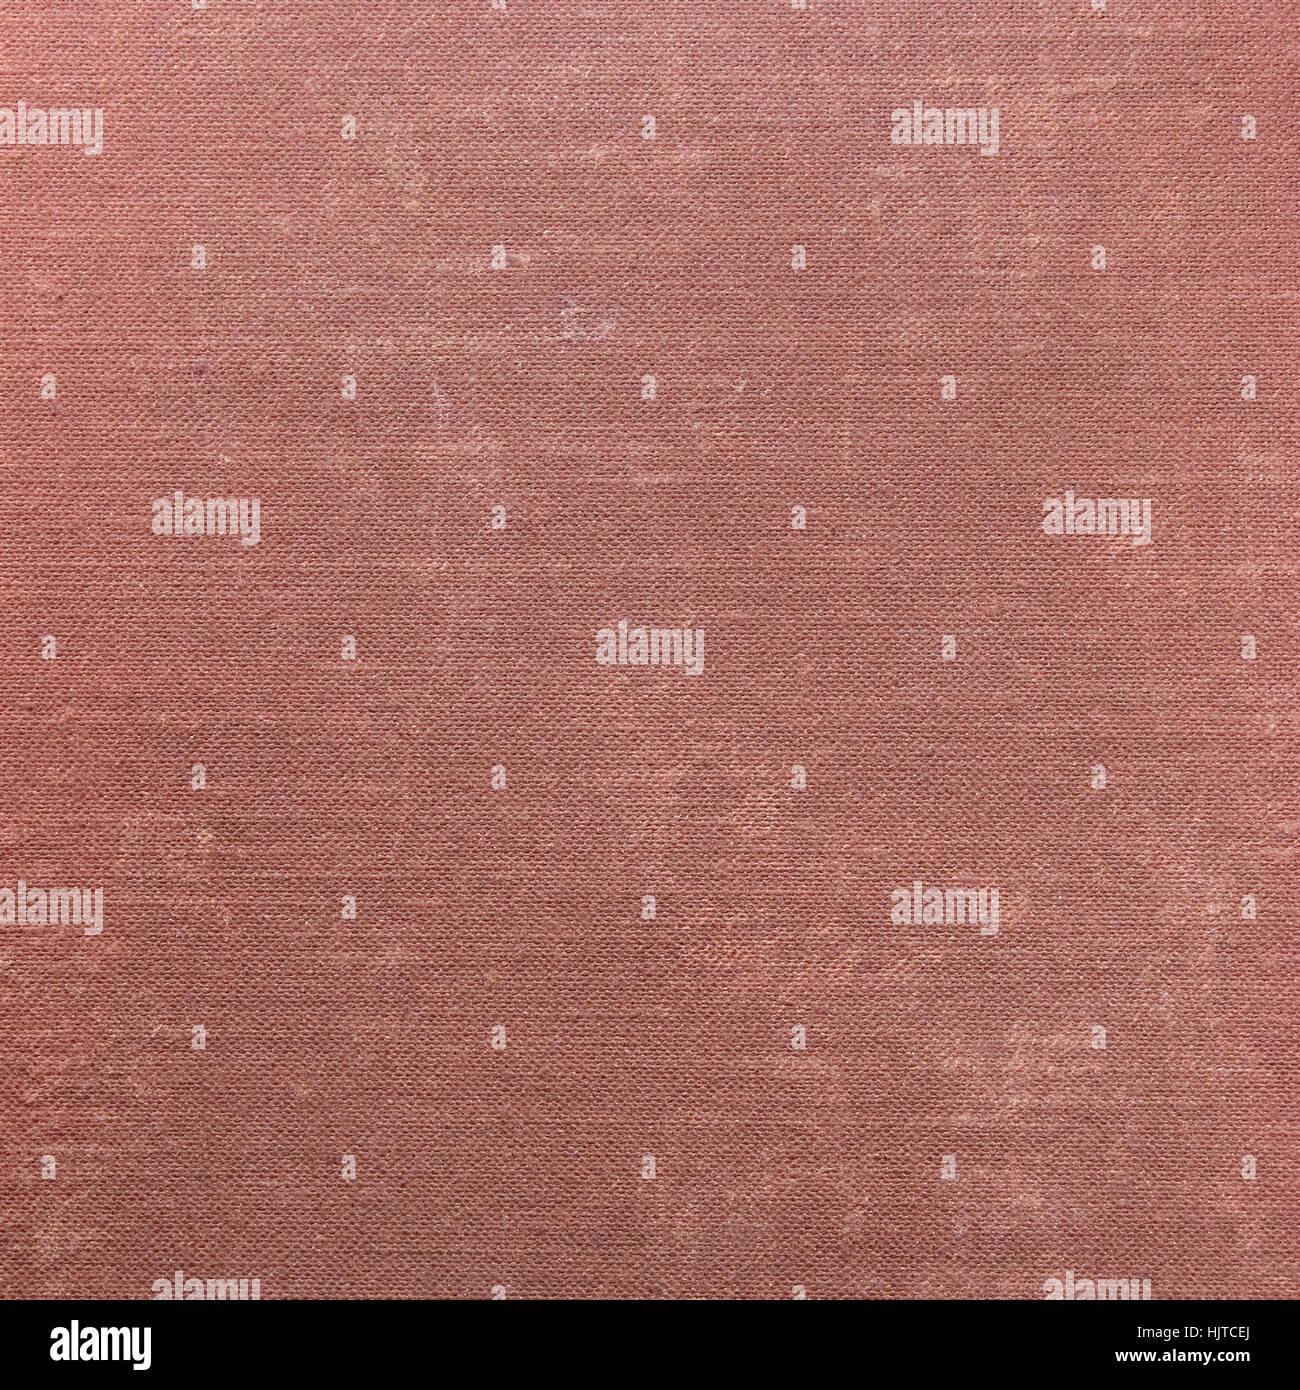 Tiefrote Grunge Leinenstruktur, detaillierten Hintergrund Muster Makro Nahaufnahme Stockbild